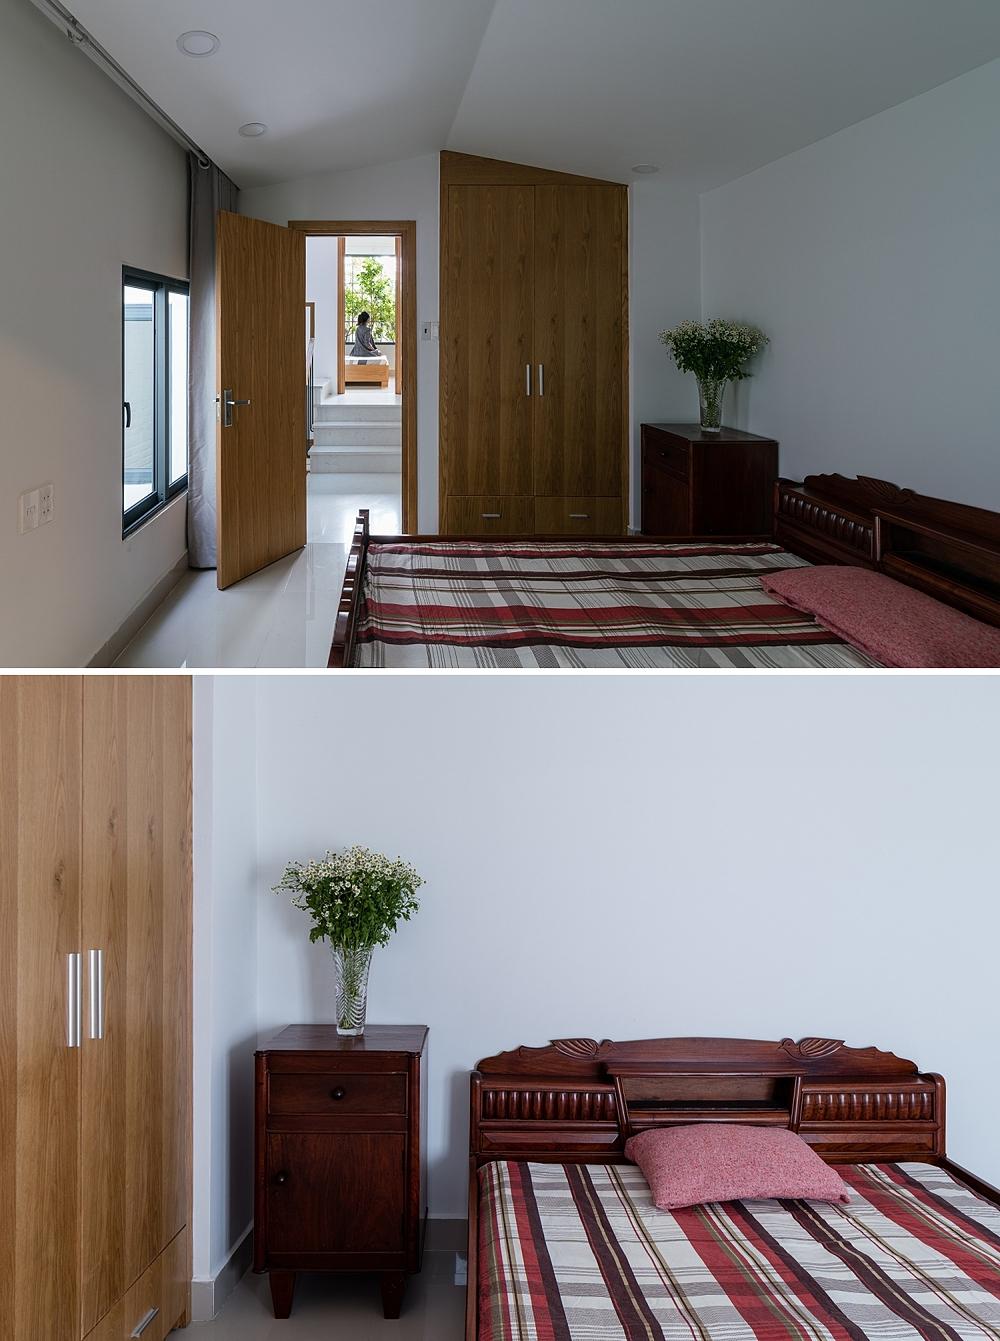 Trong phòng ngủ, trần được thiết kế gấp khúc để không gian đỡ đơn điệu. Giường, tủ là những món đồ cũ, đã hàng chục năm tuổi nhưng còn tốt và gắn bó với cả gia đình chủ nhà.